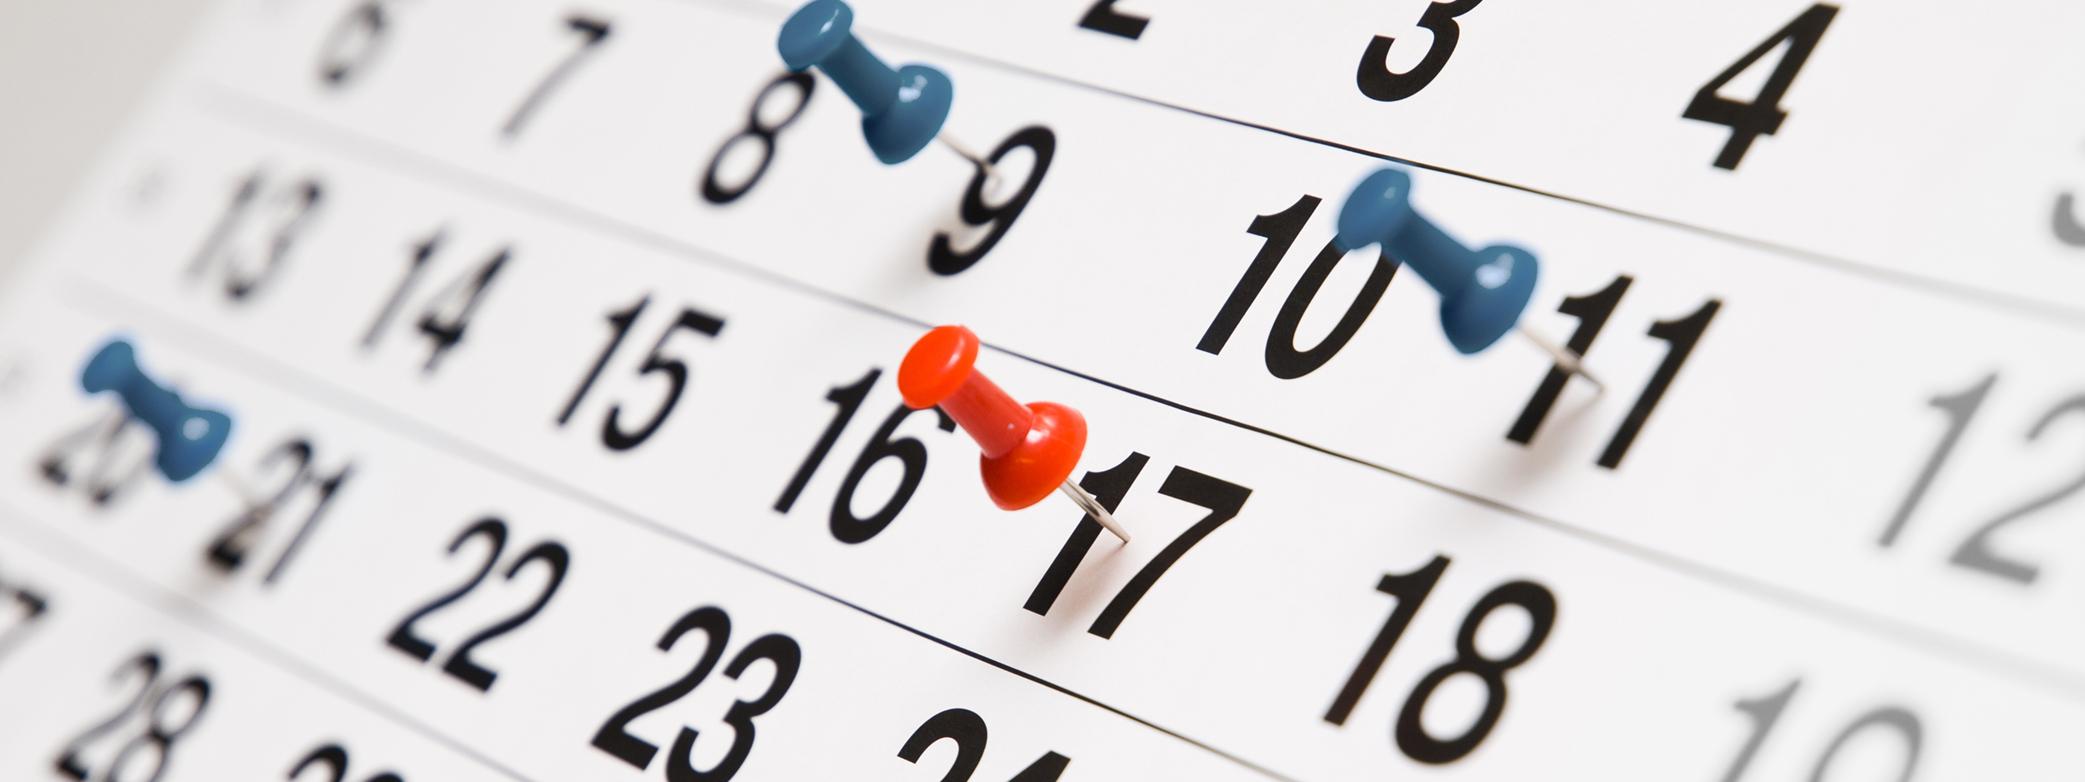 Galvanischool kalender